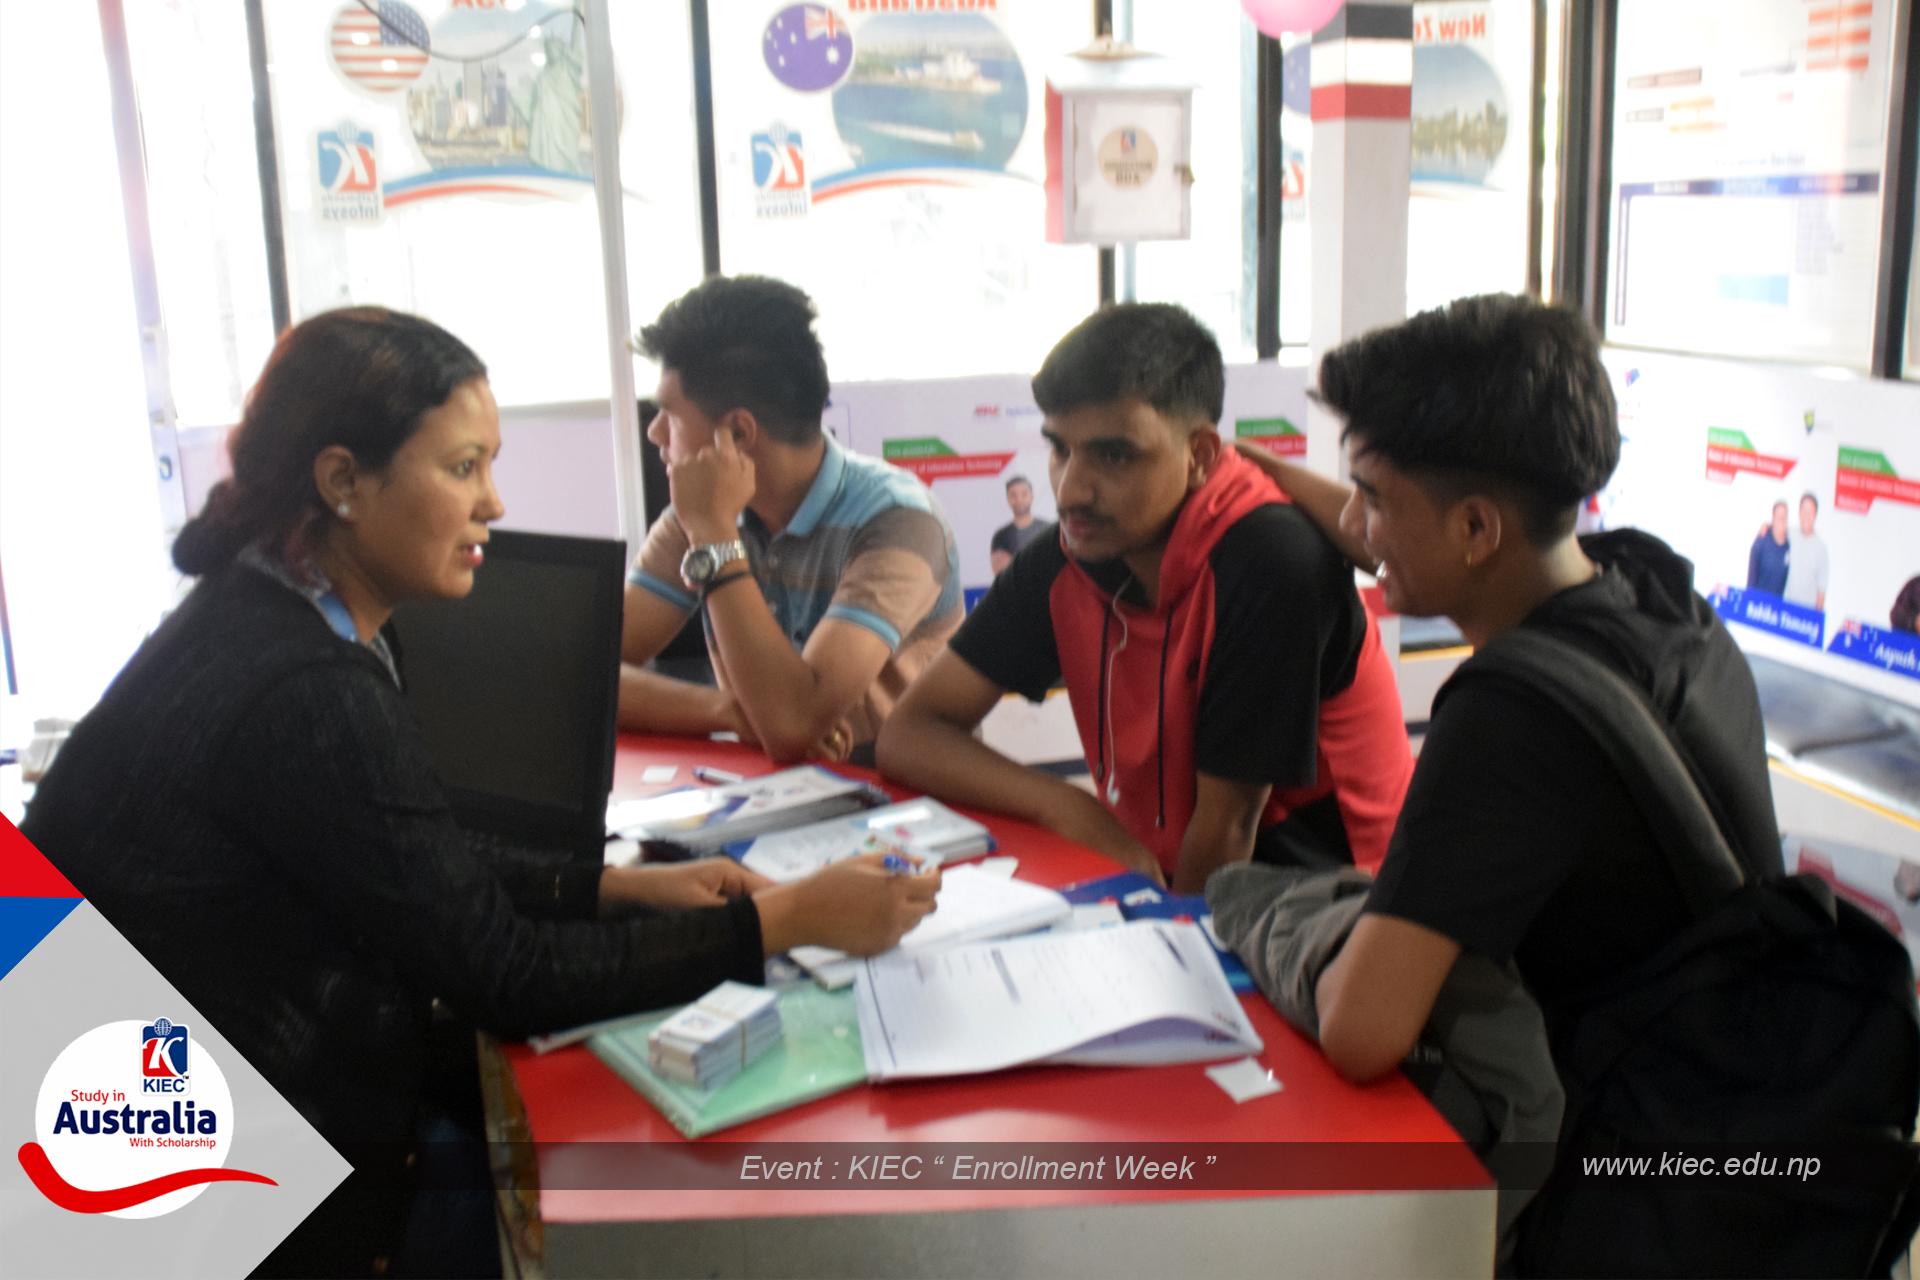 KIEC Counsellor Mingma Sherpa